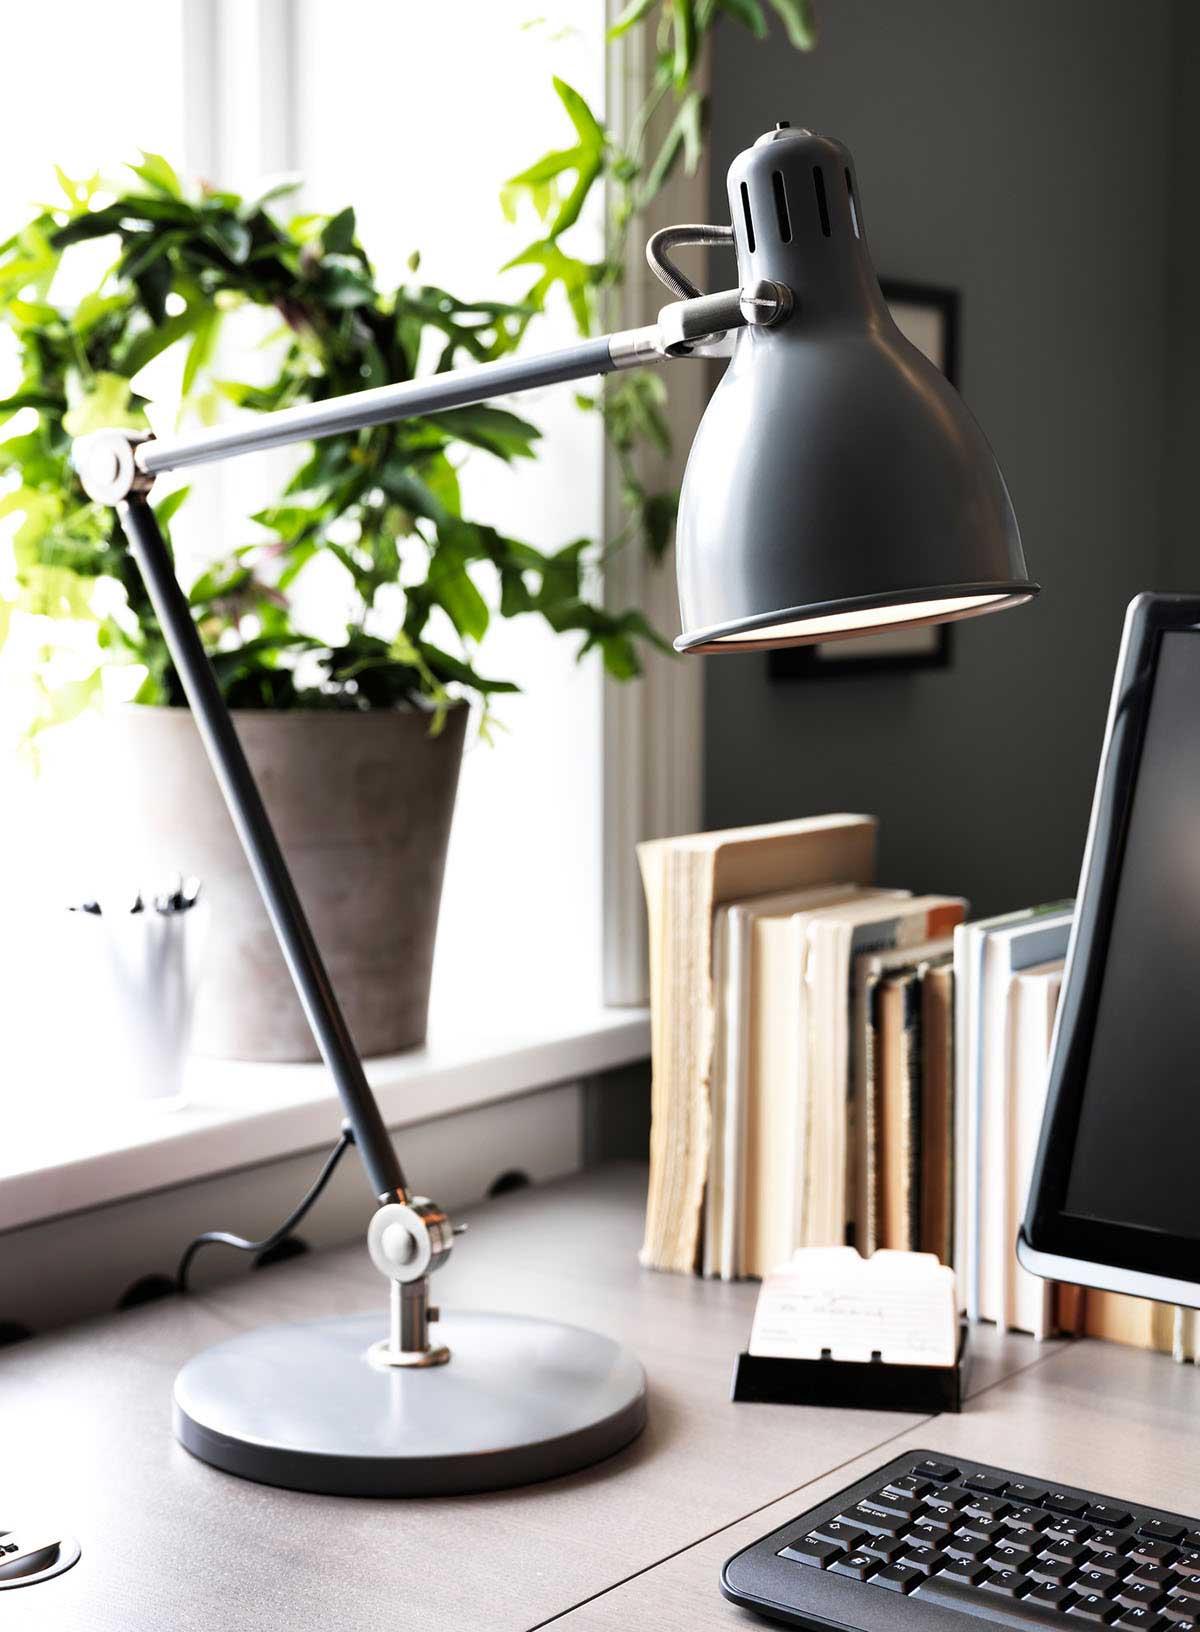 lampe de bureau ikea. Black Bedroom Furniture Sets. Home Design Ideas